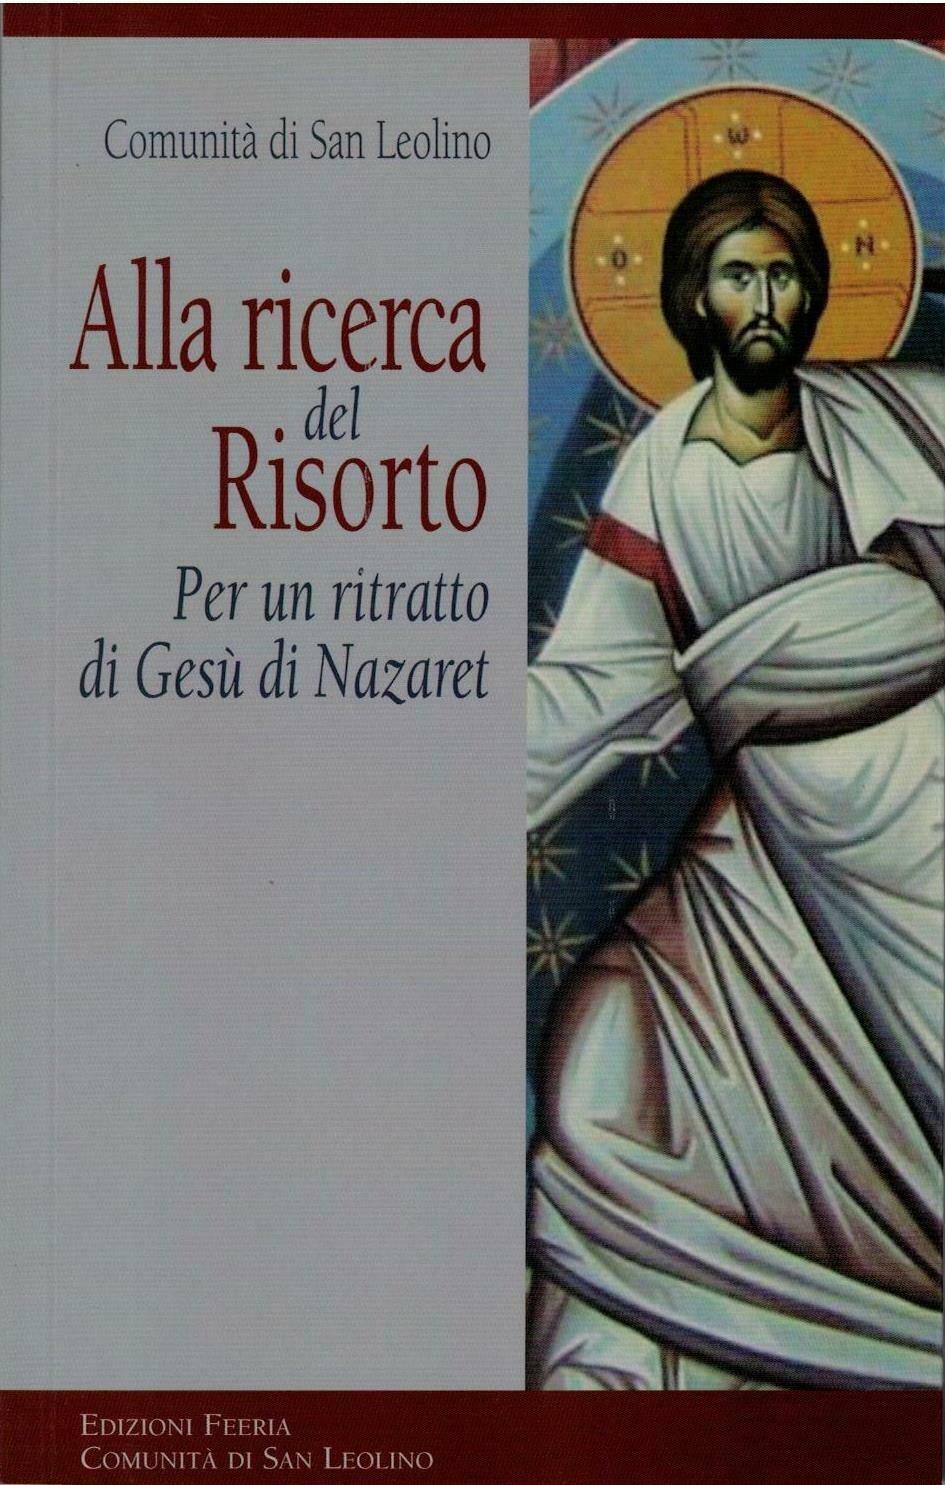 Alla ricerca del Risorto - Per un ritratto di Gesù di Nazaret (Comunità di San Leolino)